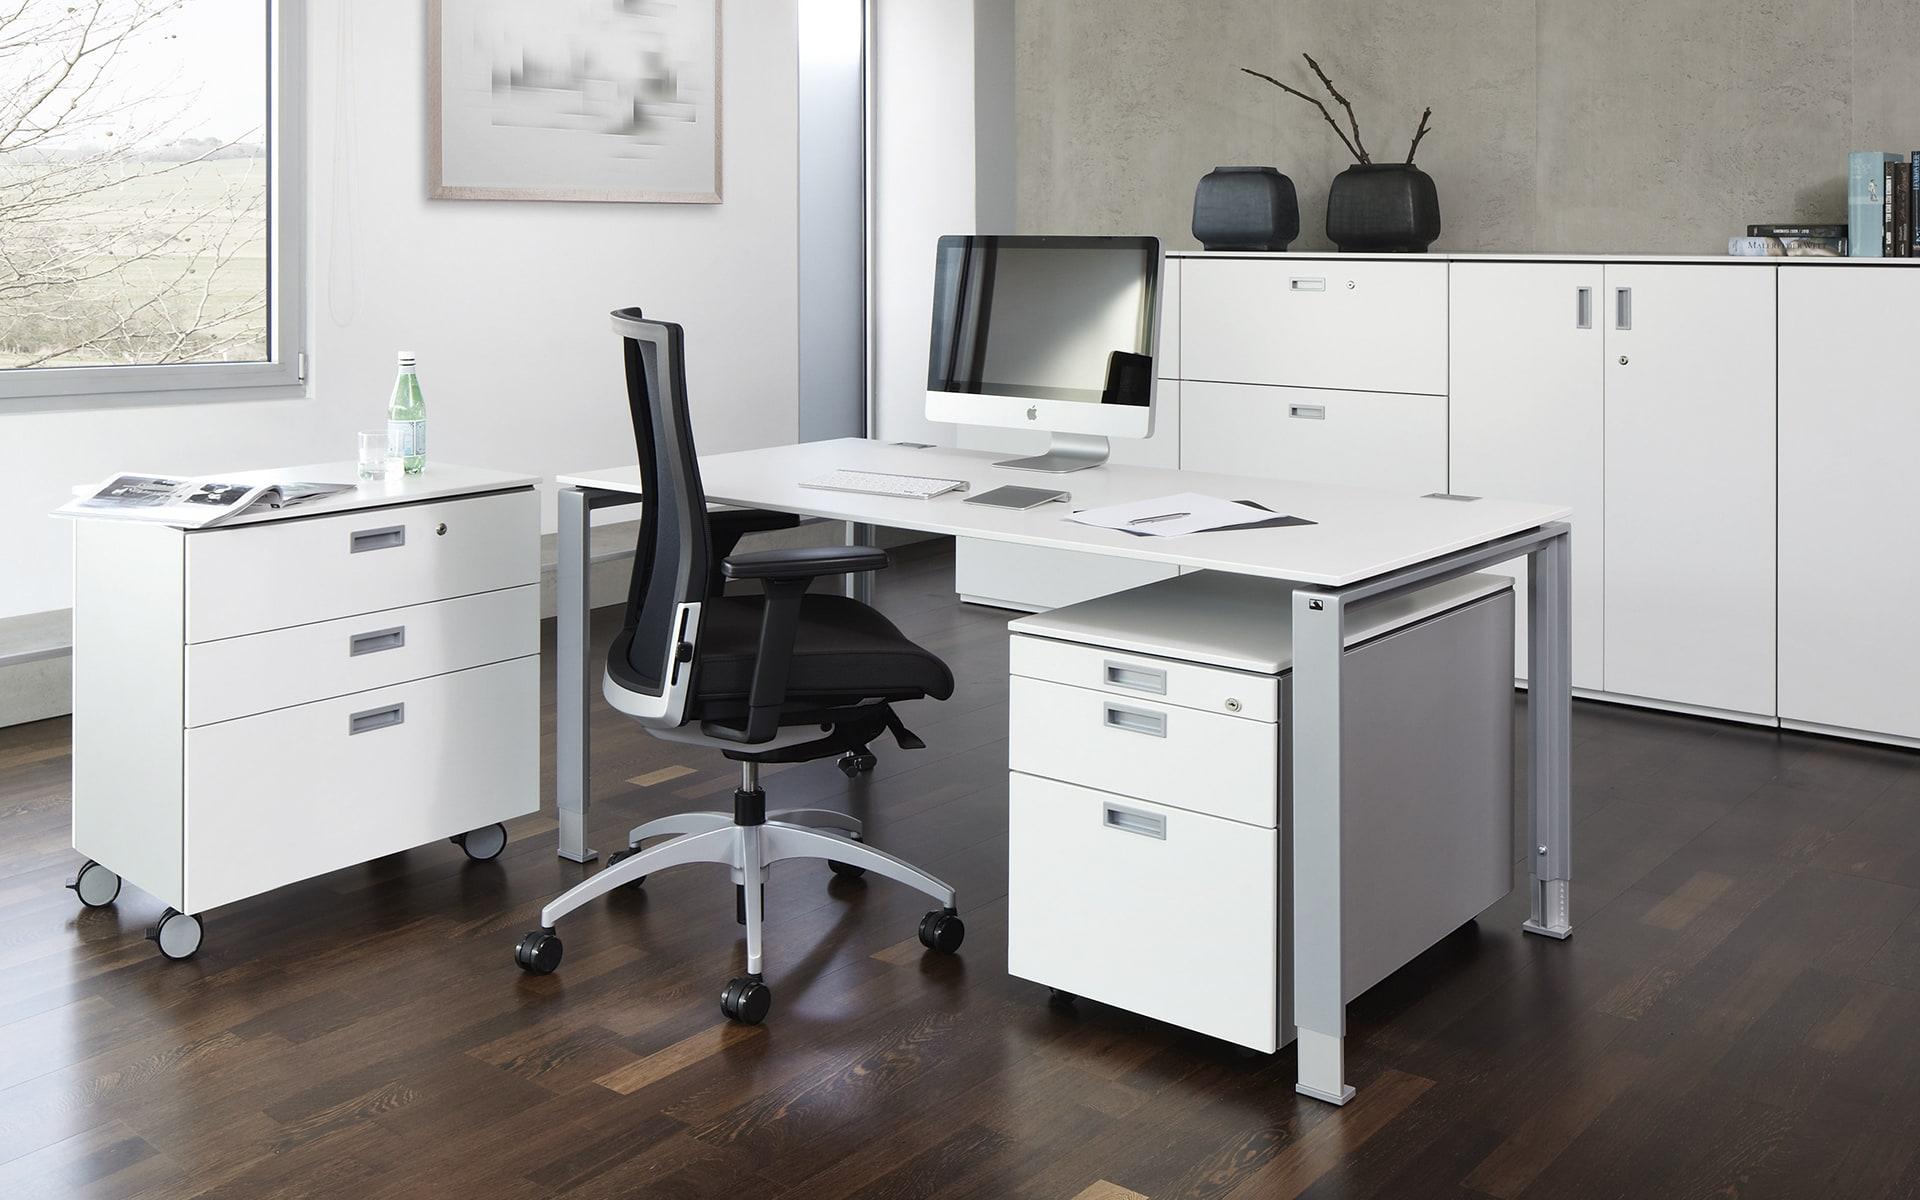 Schwarzer K+N Okay II Drehstuhl von ITO Design in puristischem Büro